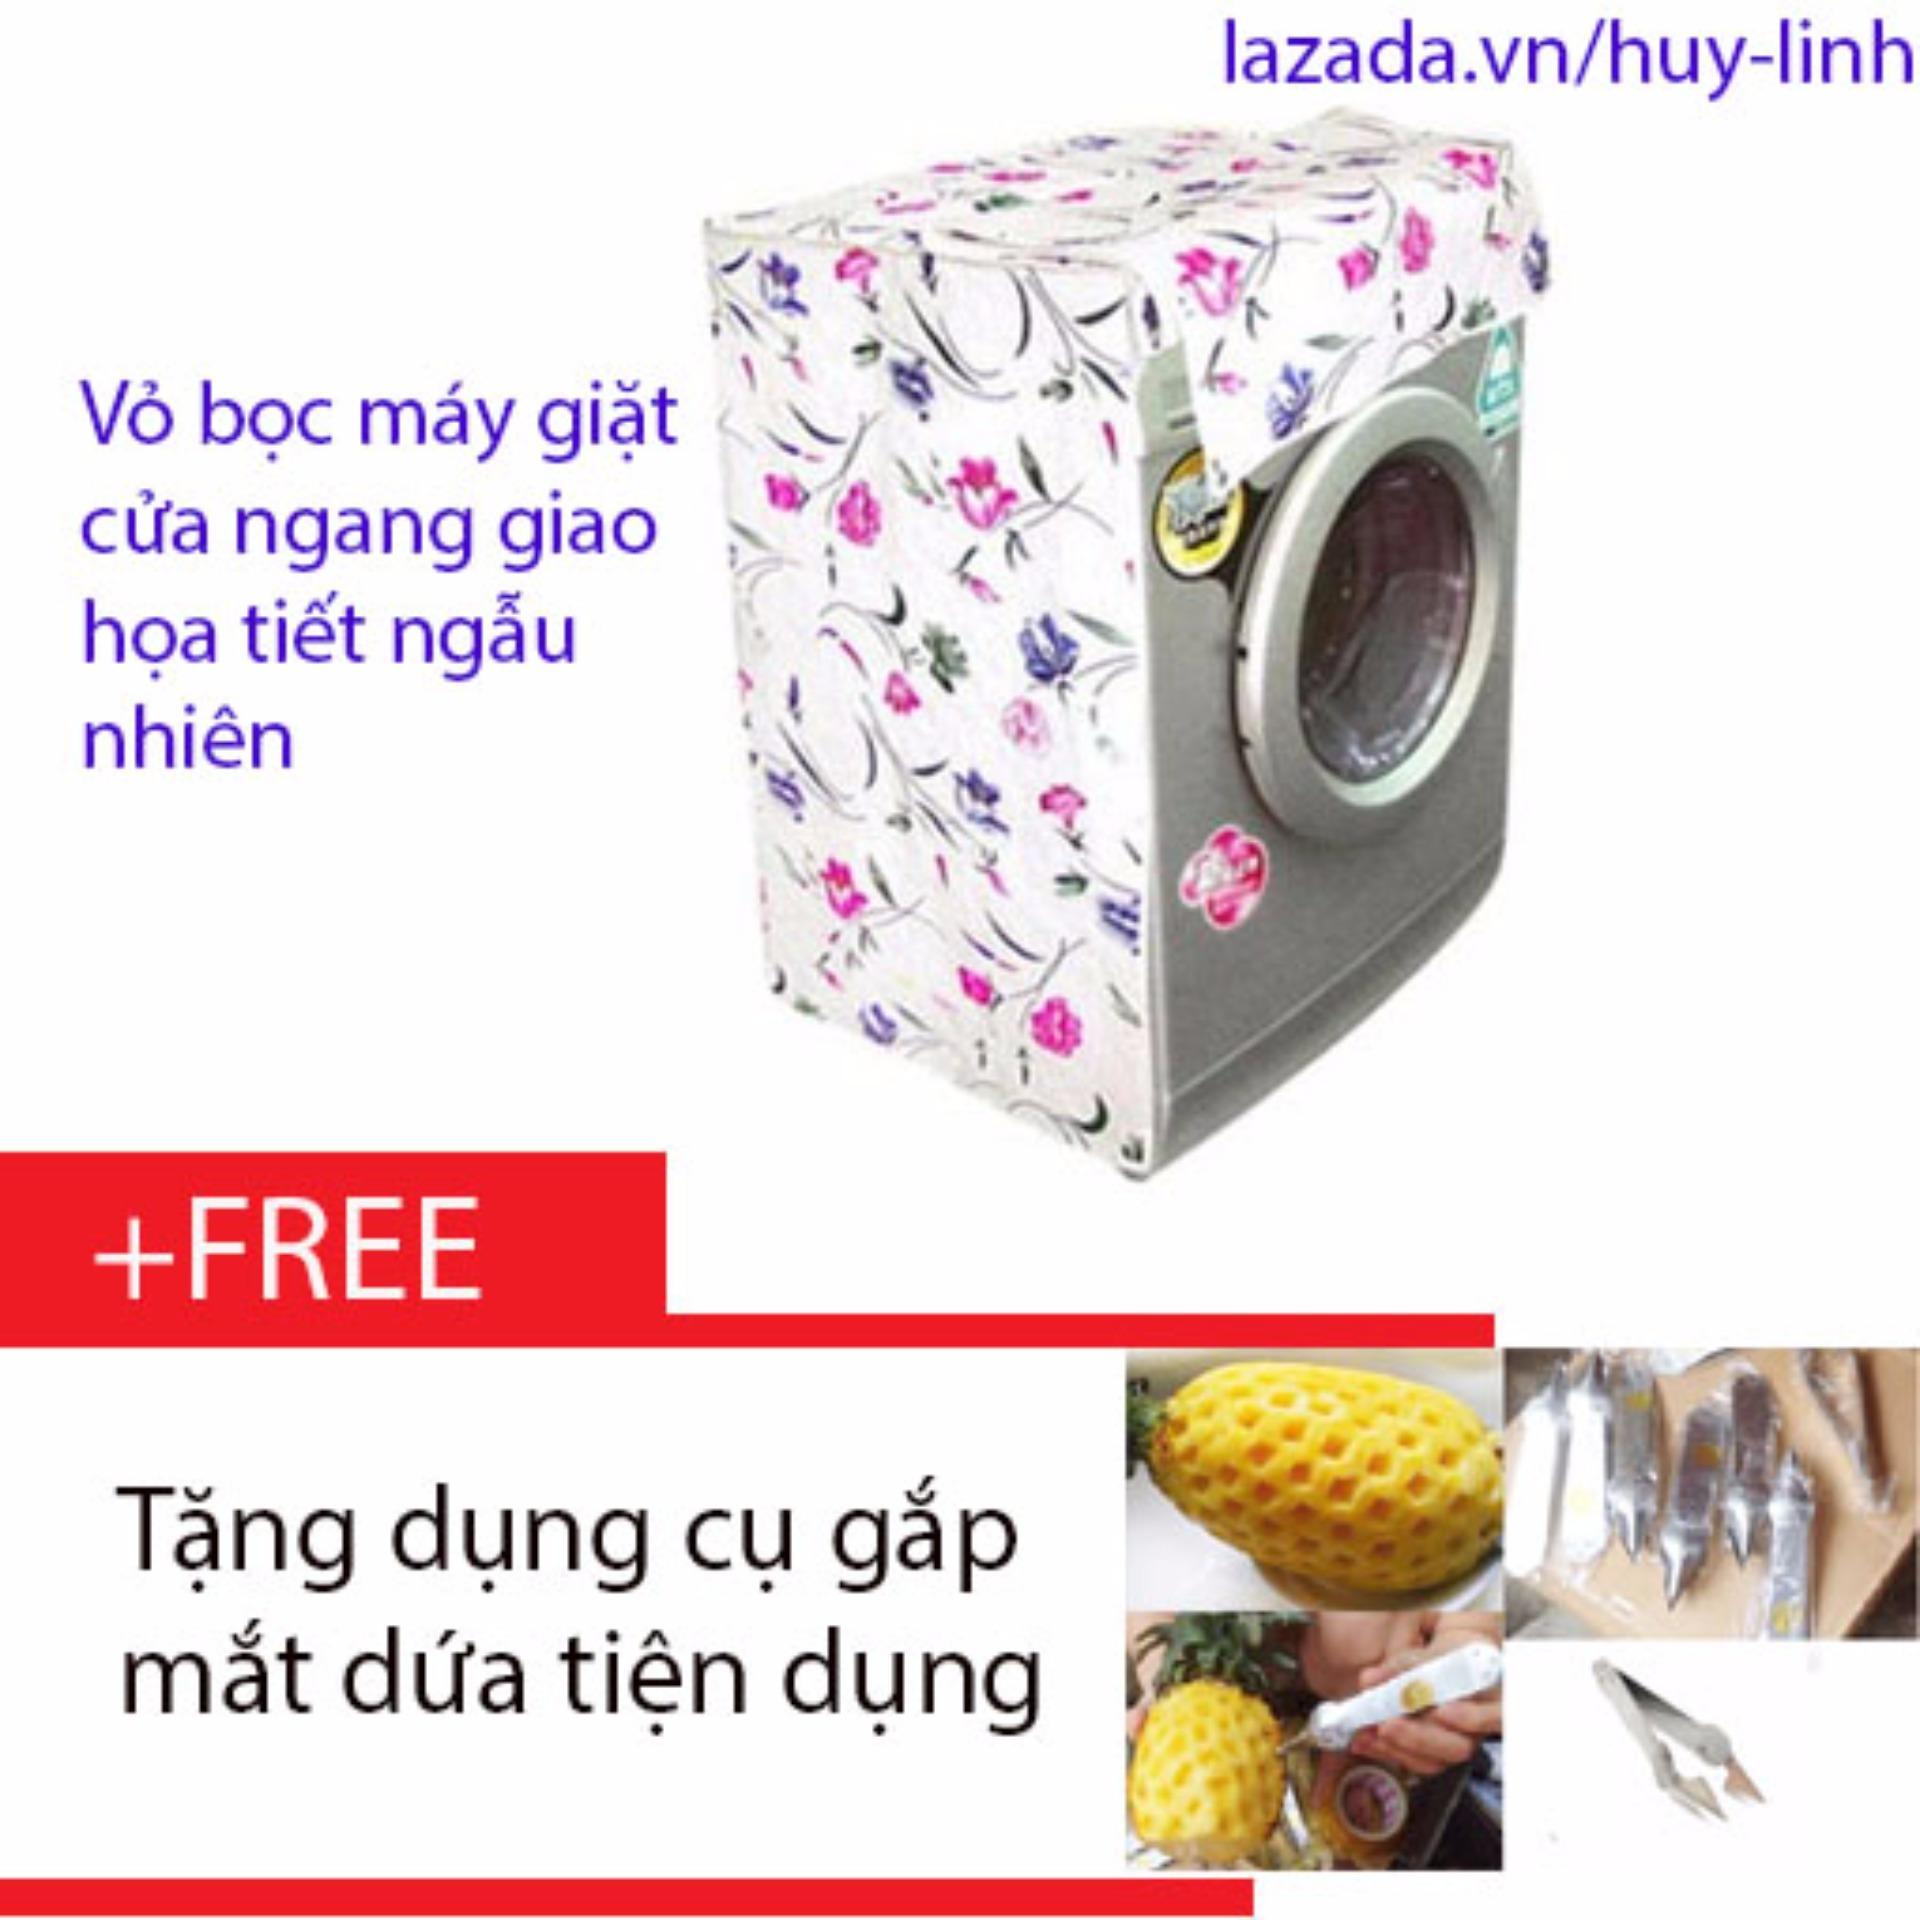 Vỏ bọc máy giặt cửa ngang cỡ lớn màu sắc ngẫu nhiên cho máy giặt giao màu ngẫu nhiên + Tặng dụng cụ gắp mắt dứa